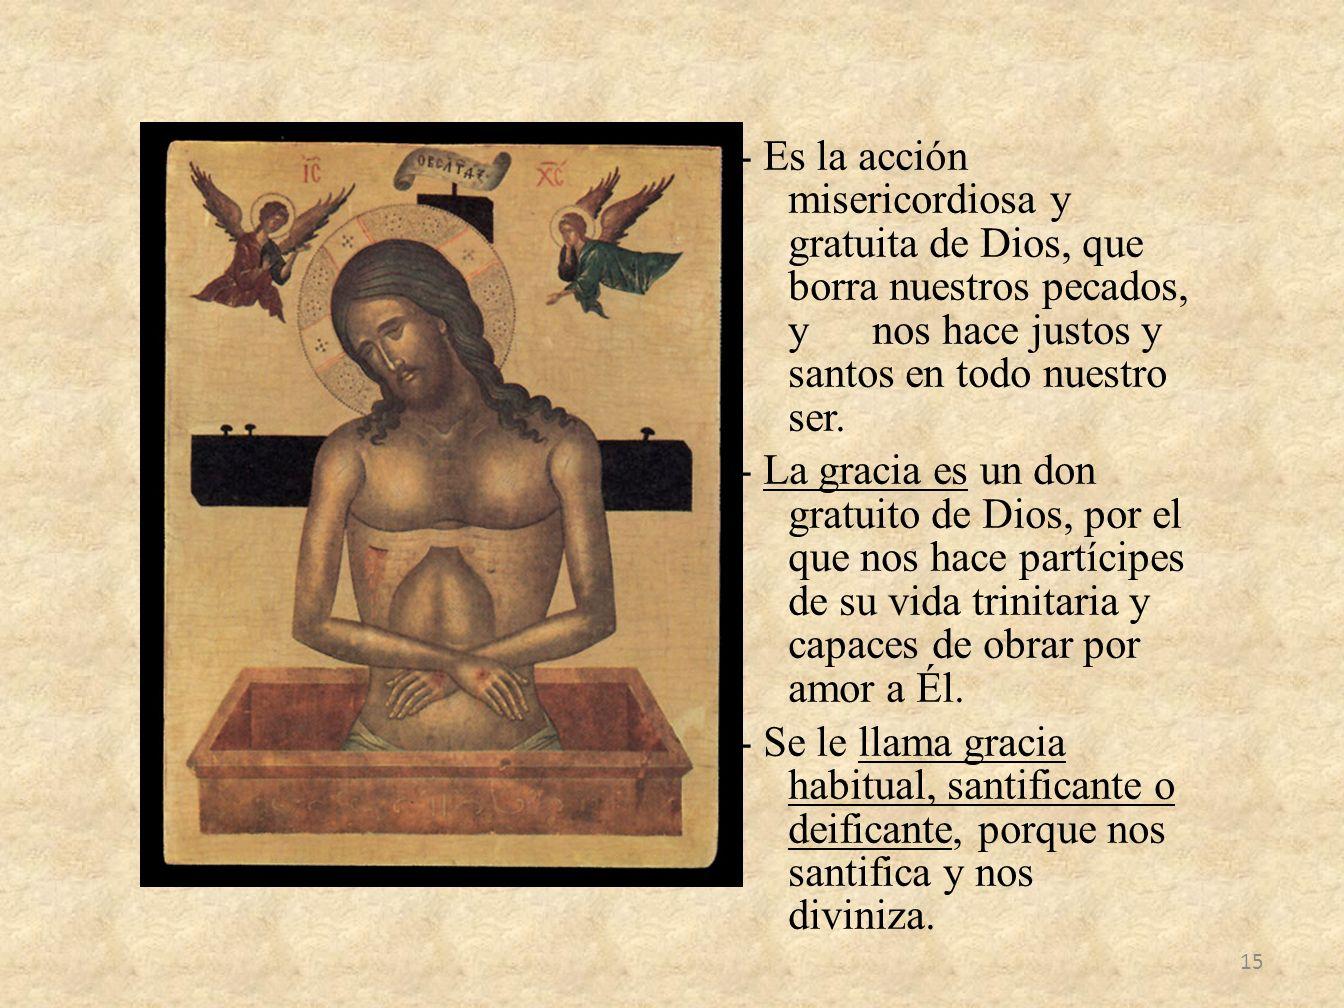 - Es la acción misericordiosa y gratuita de Dios, que borra nuestros pecados, y nos hace justos y santos en todo nuestro ser. - La gracia es un don gr